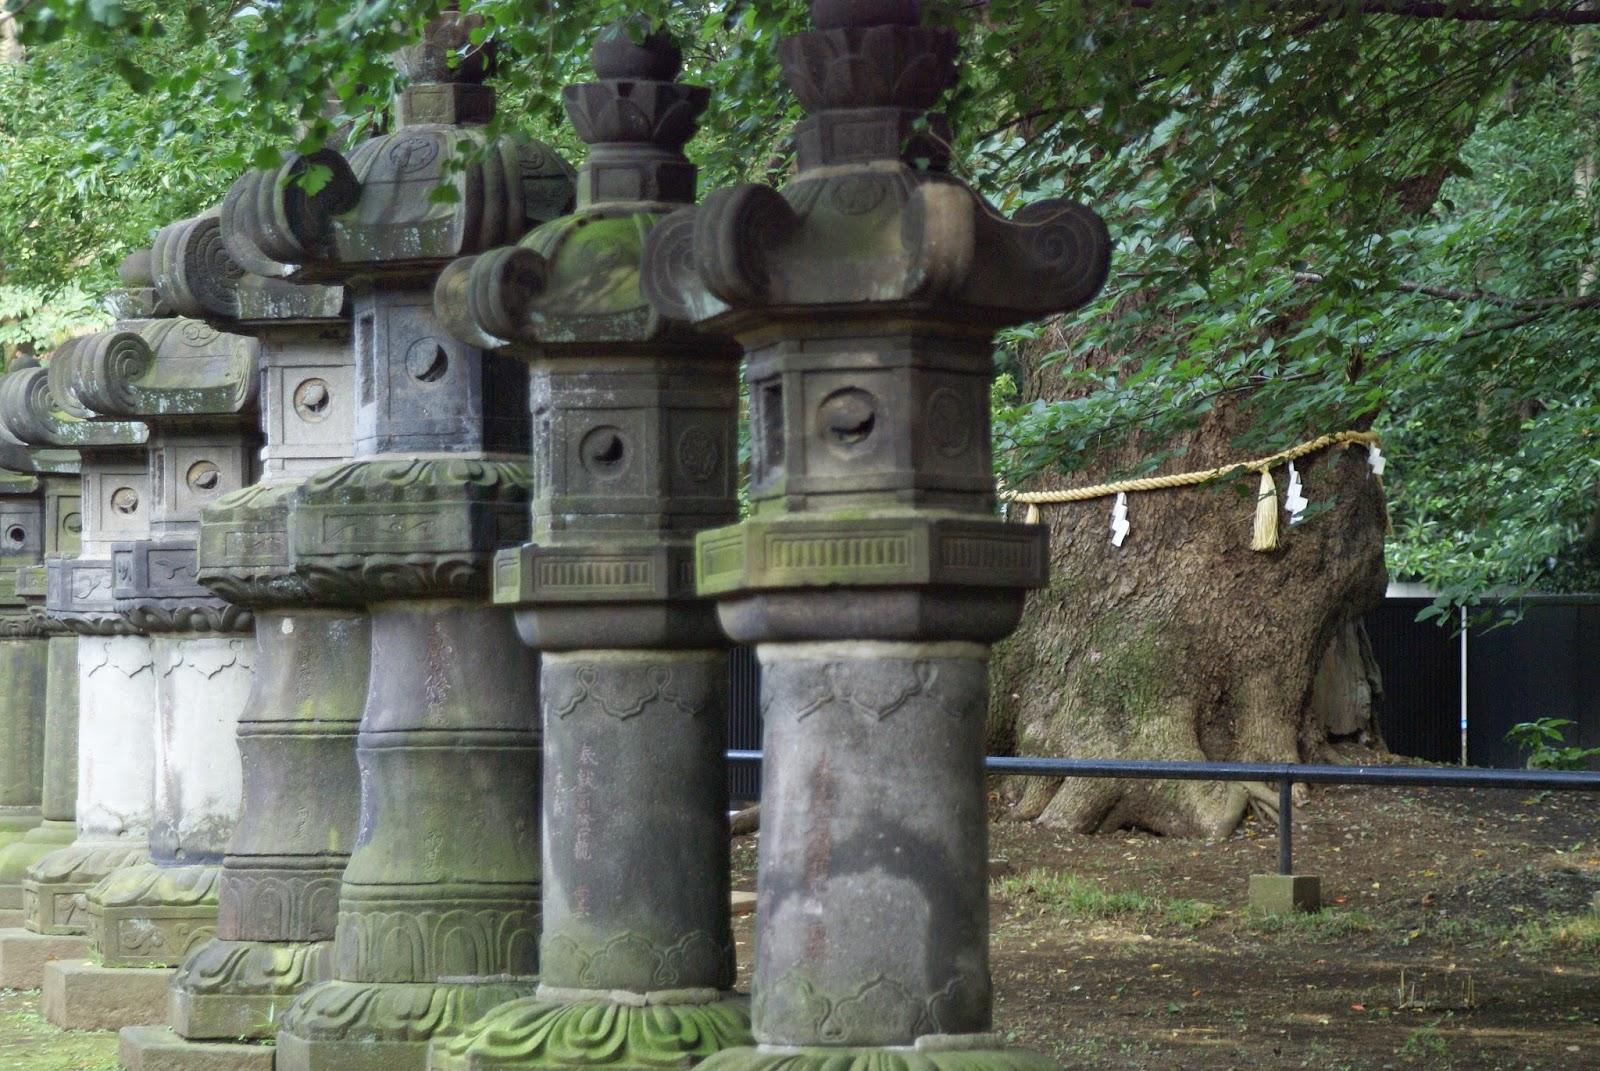 alignement de lanternes japonaises en pierre